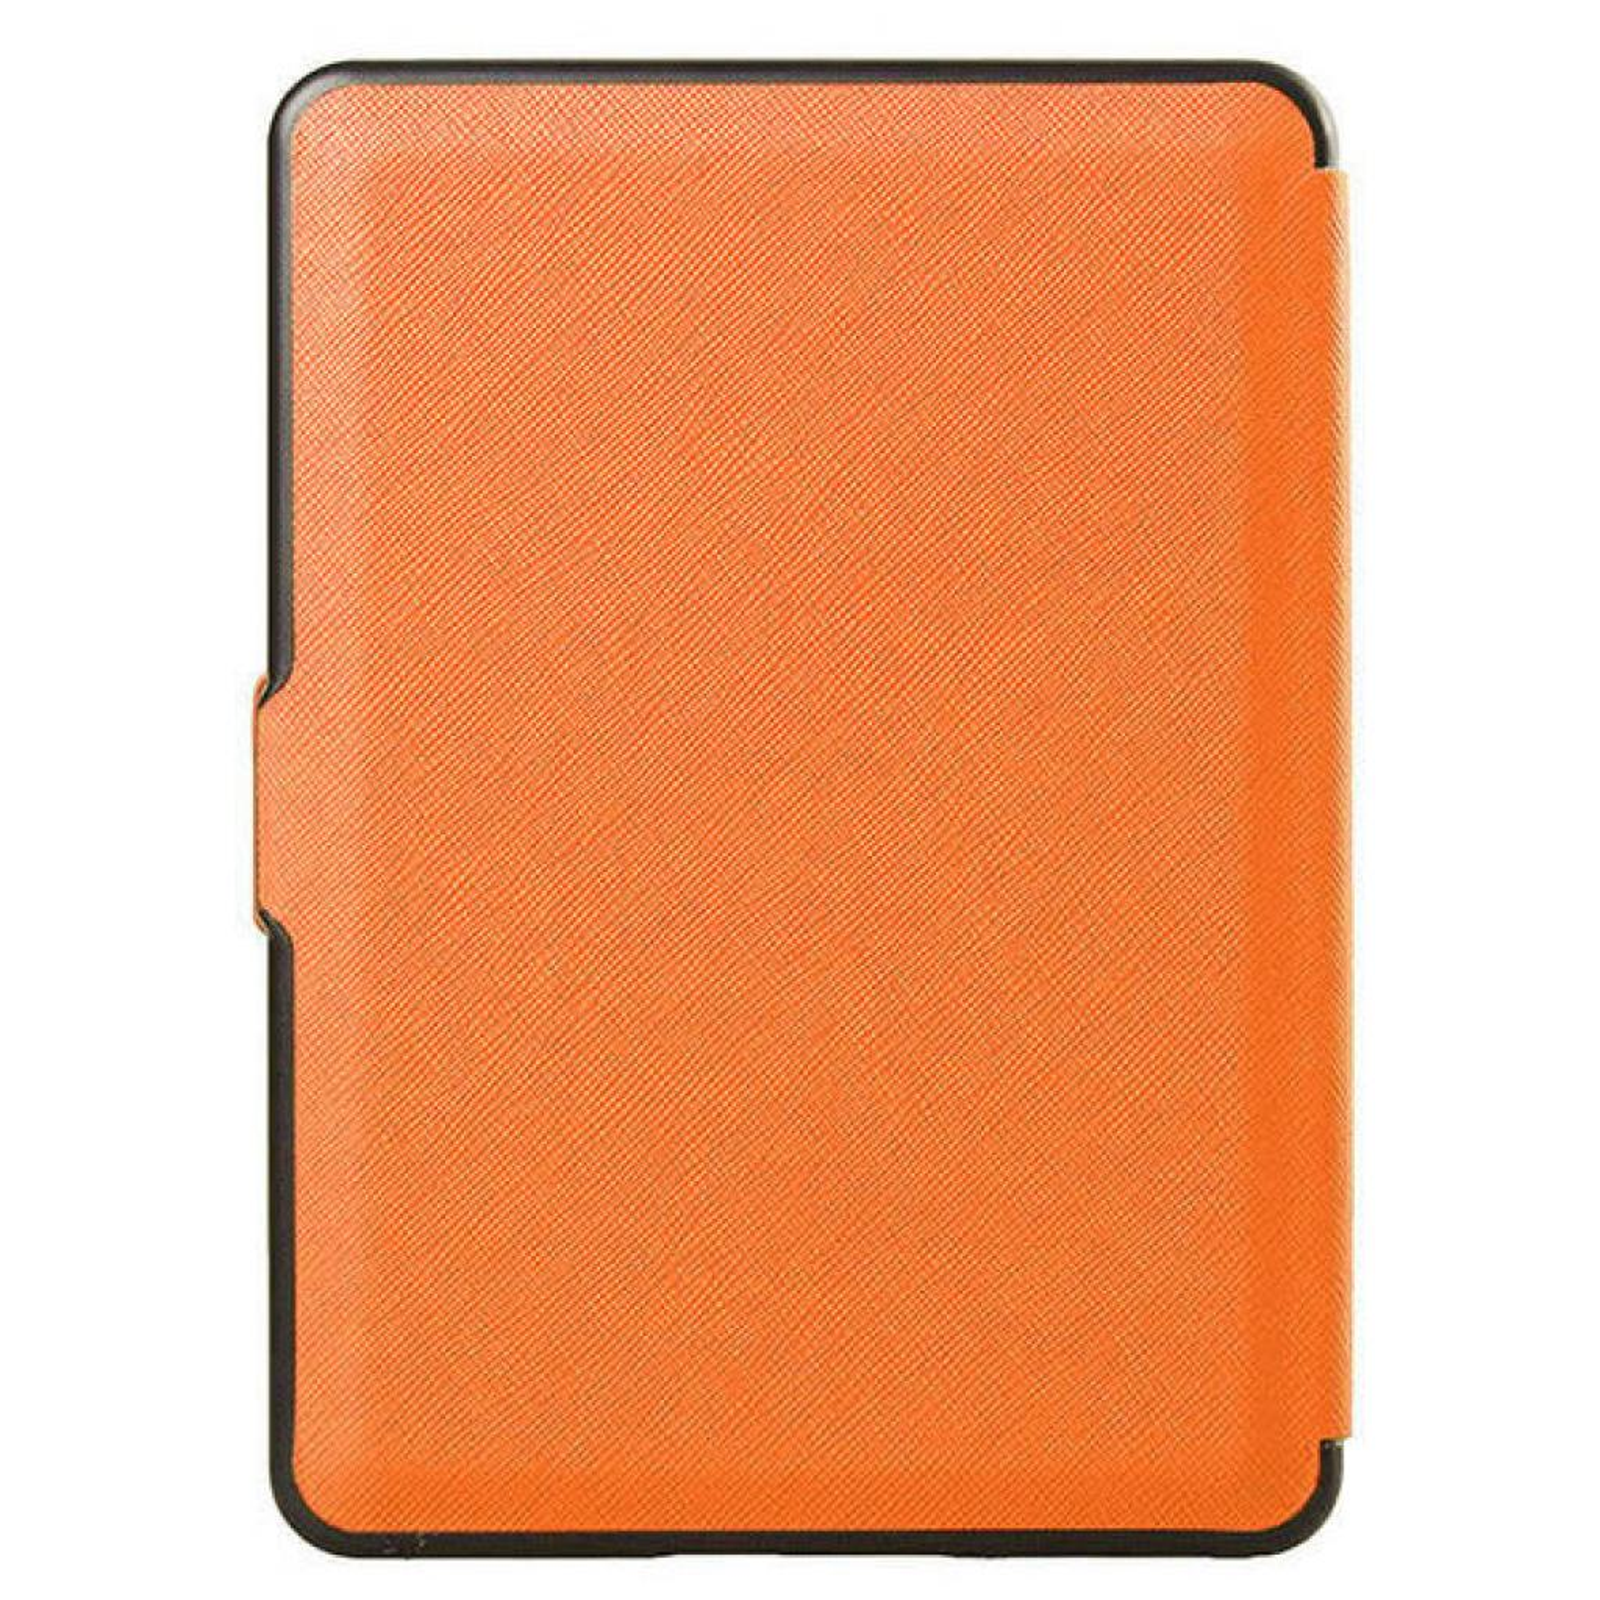 Чехол для электронной книги AirOn для Amazon Kindle 6 orange (4822356754498) изображение 2